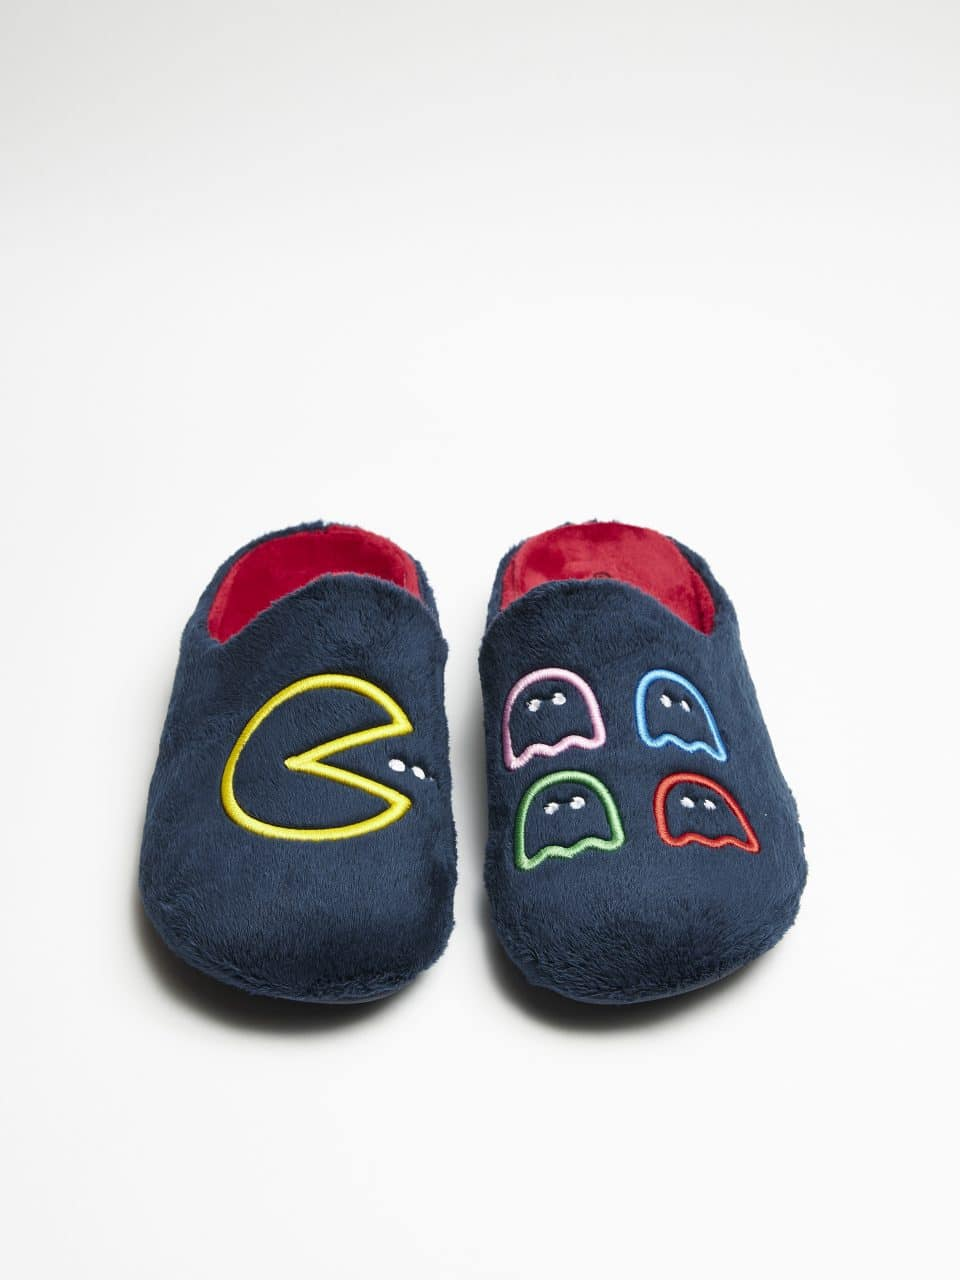 MONTLIS COME/COCOS MARINO ROJO Garzón en Loyna Shoes